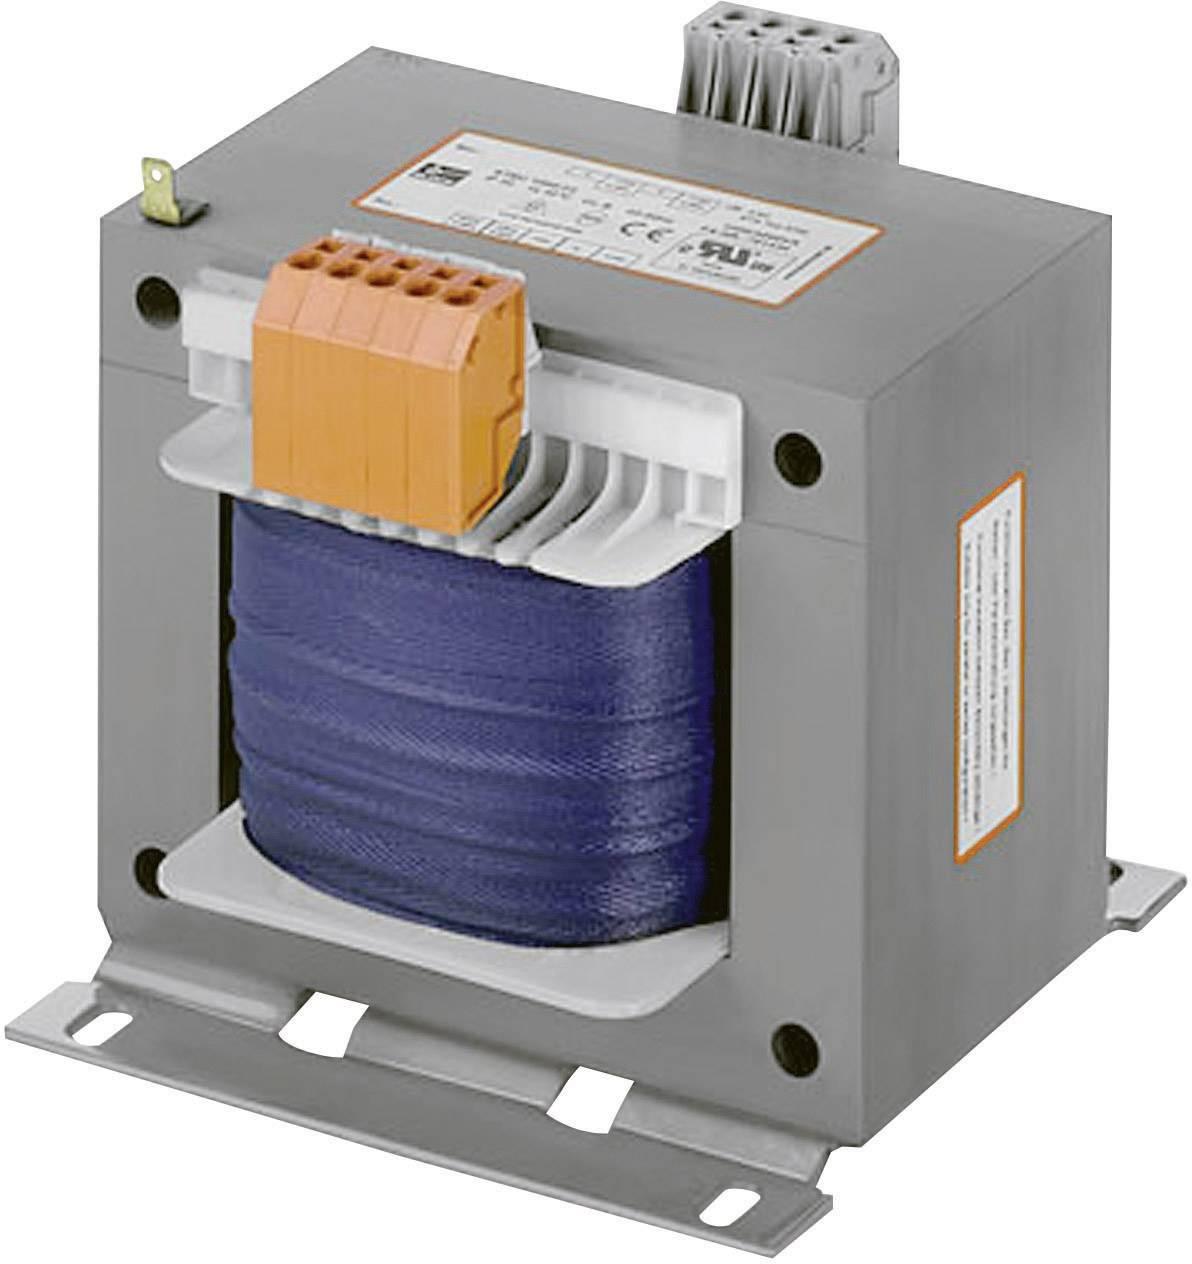 Bezpečnostný transformátor, riadiaci transformátor, izolačný transformátor Block STEU 250/48, 250 VA